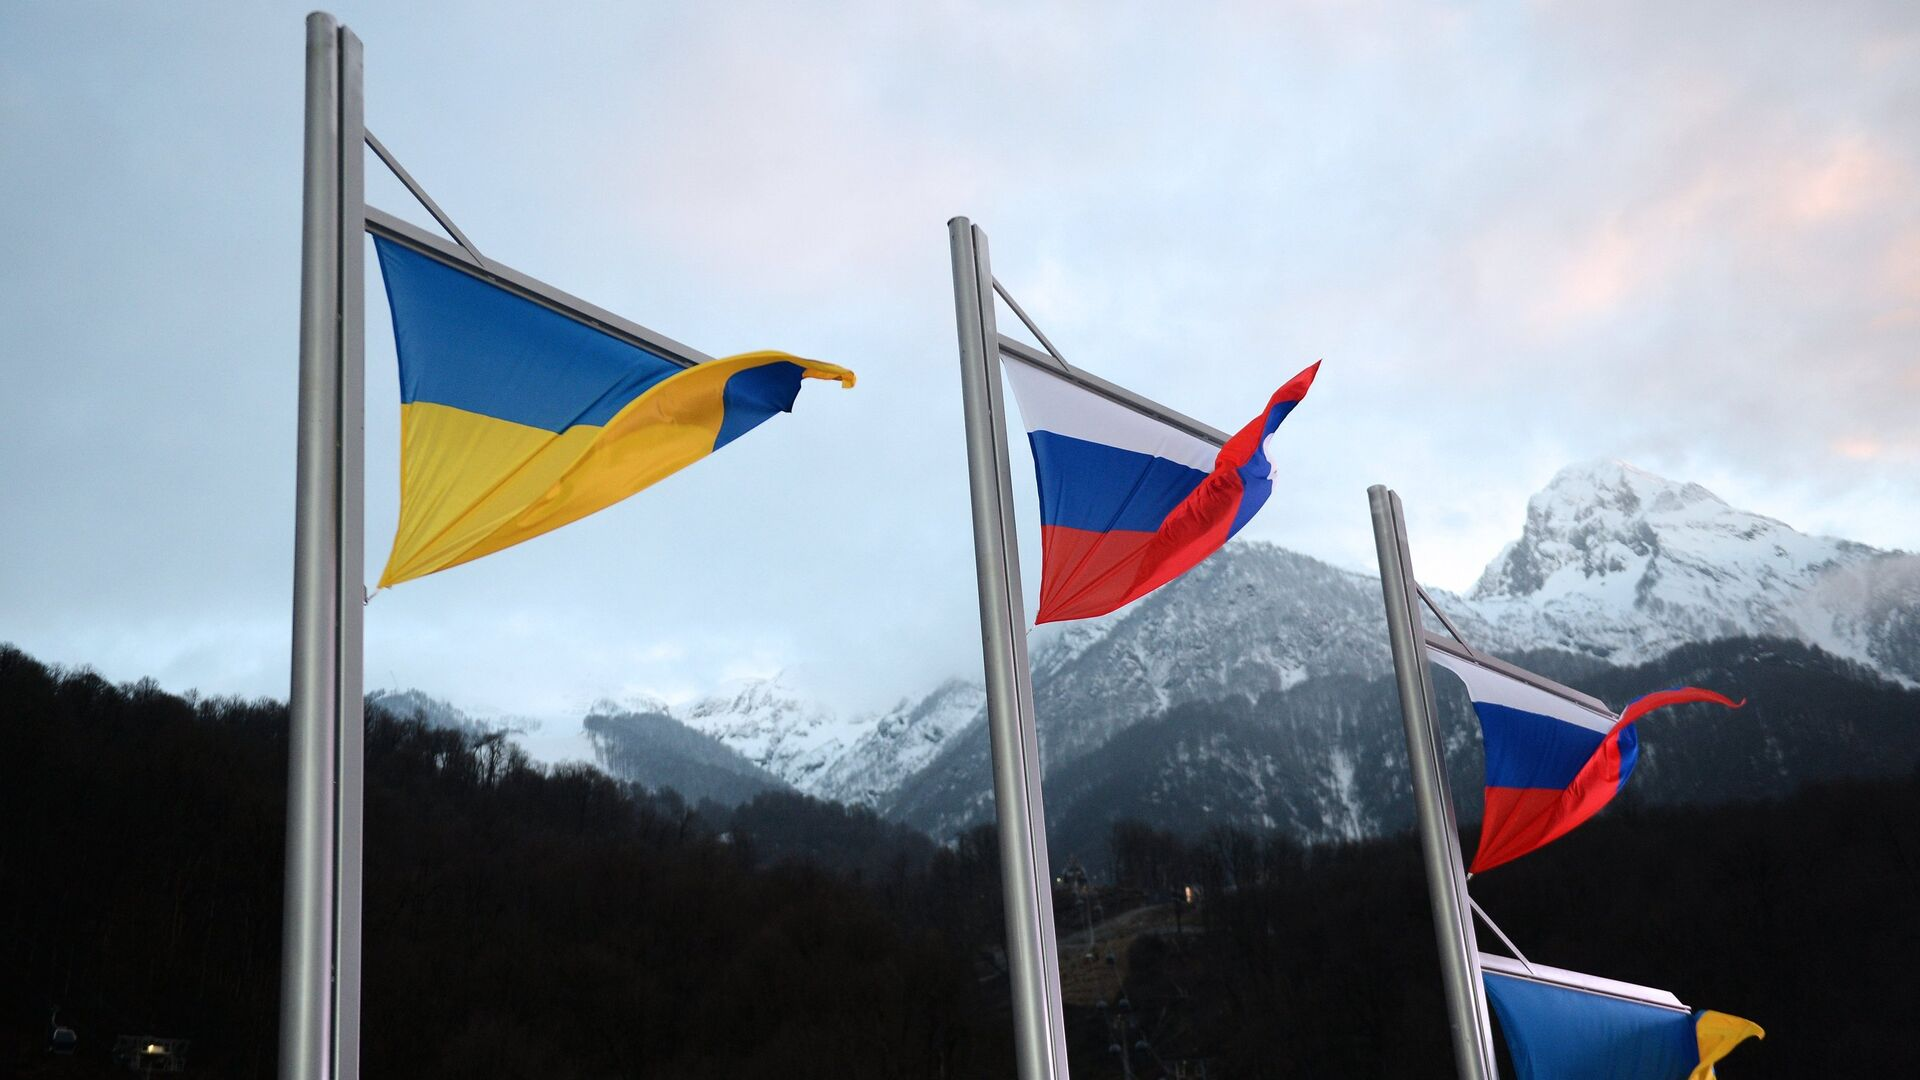 Национальные флаги Украины и России - РИА Новости, 1920, 17.09.2021